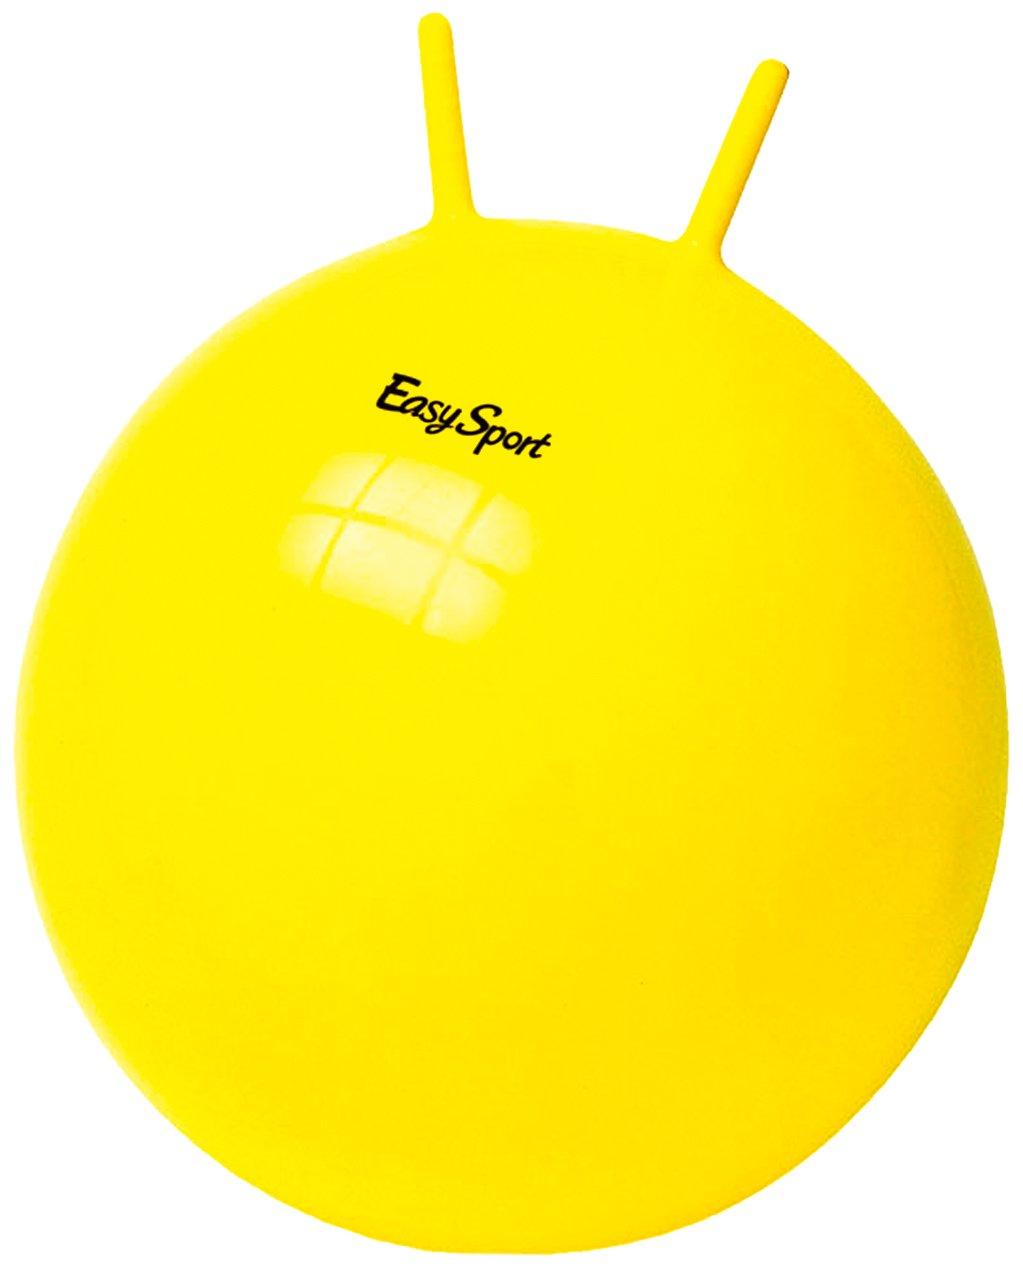 玩具大号手柄球幼儿园健身跳跳球小号50cm羊角球60cm儿童加厚弹跳